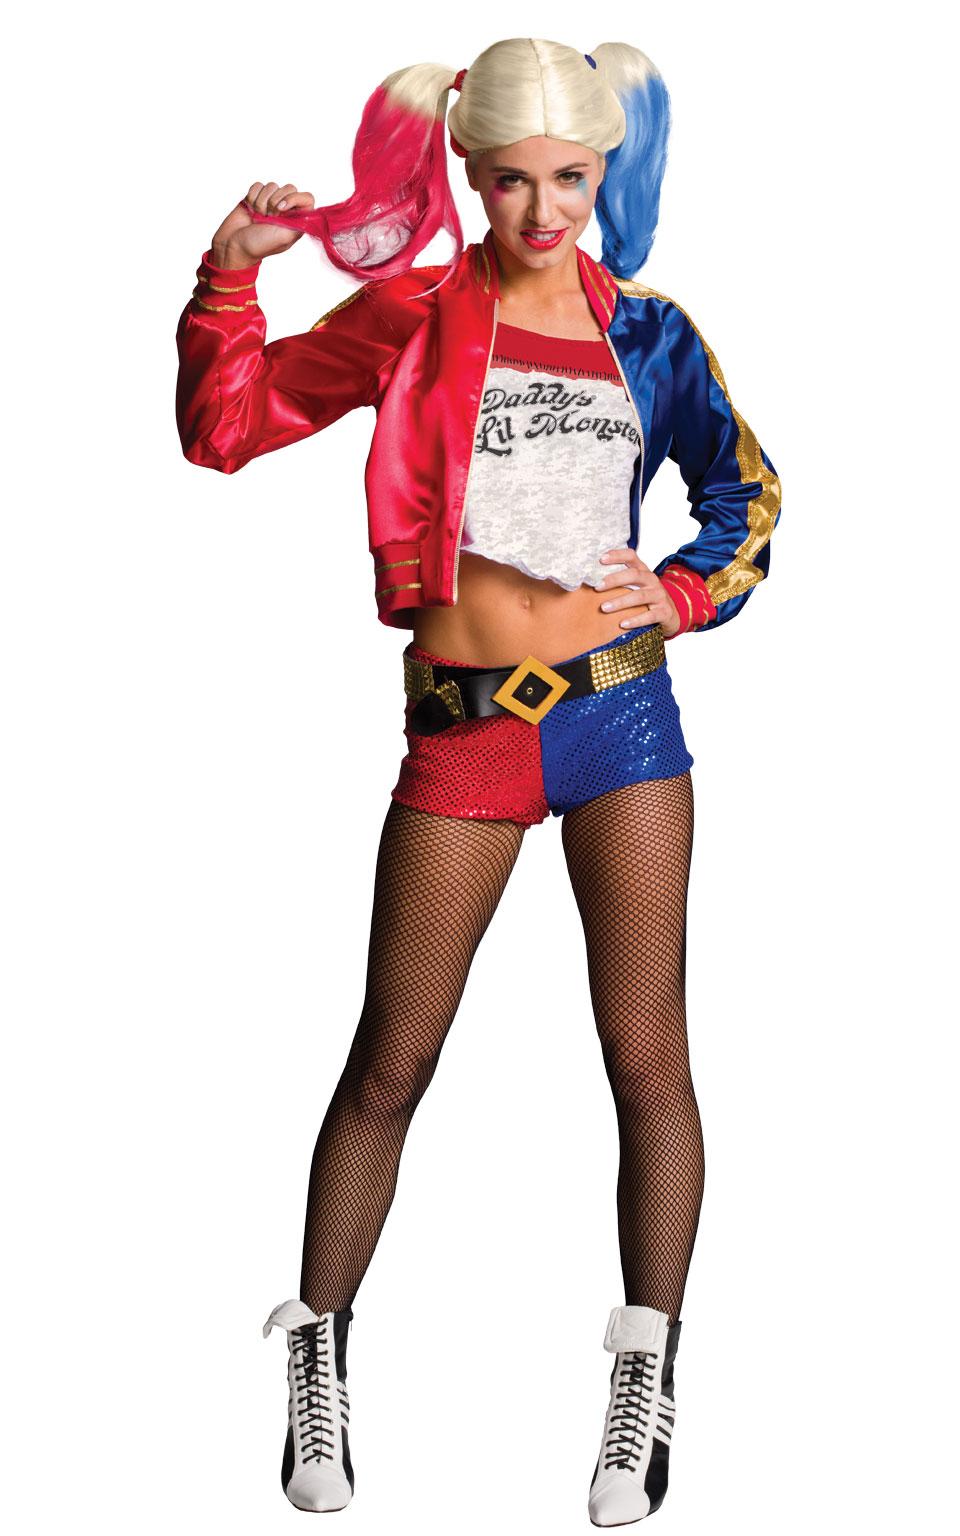 Rubies Kostým Harley Quinn - dámsky Veľkosť - dospelý: L